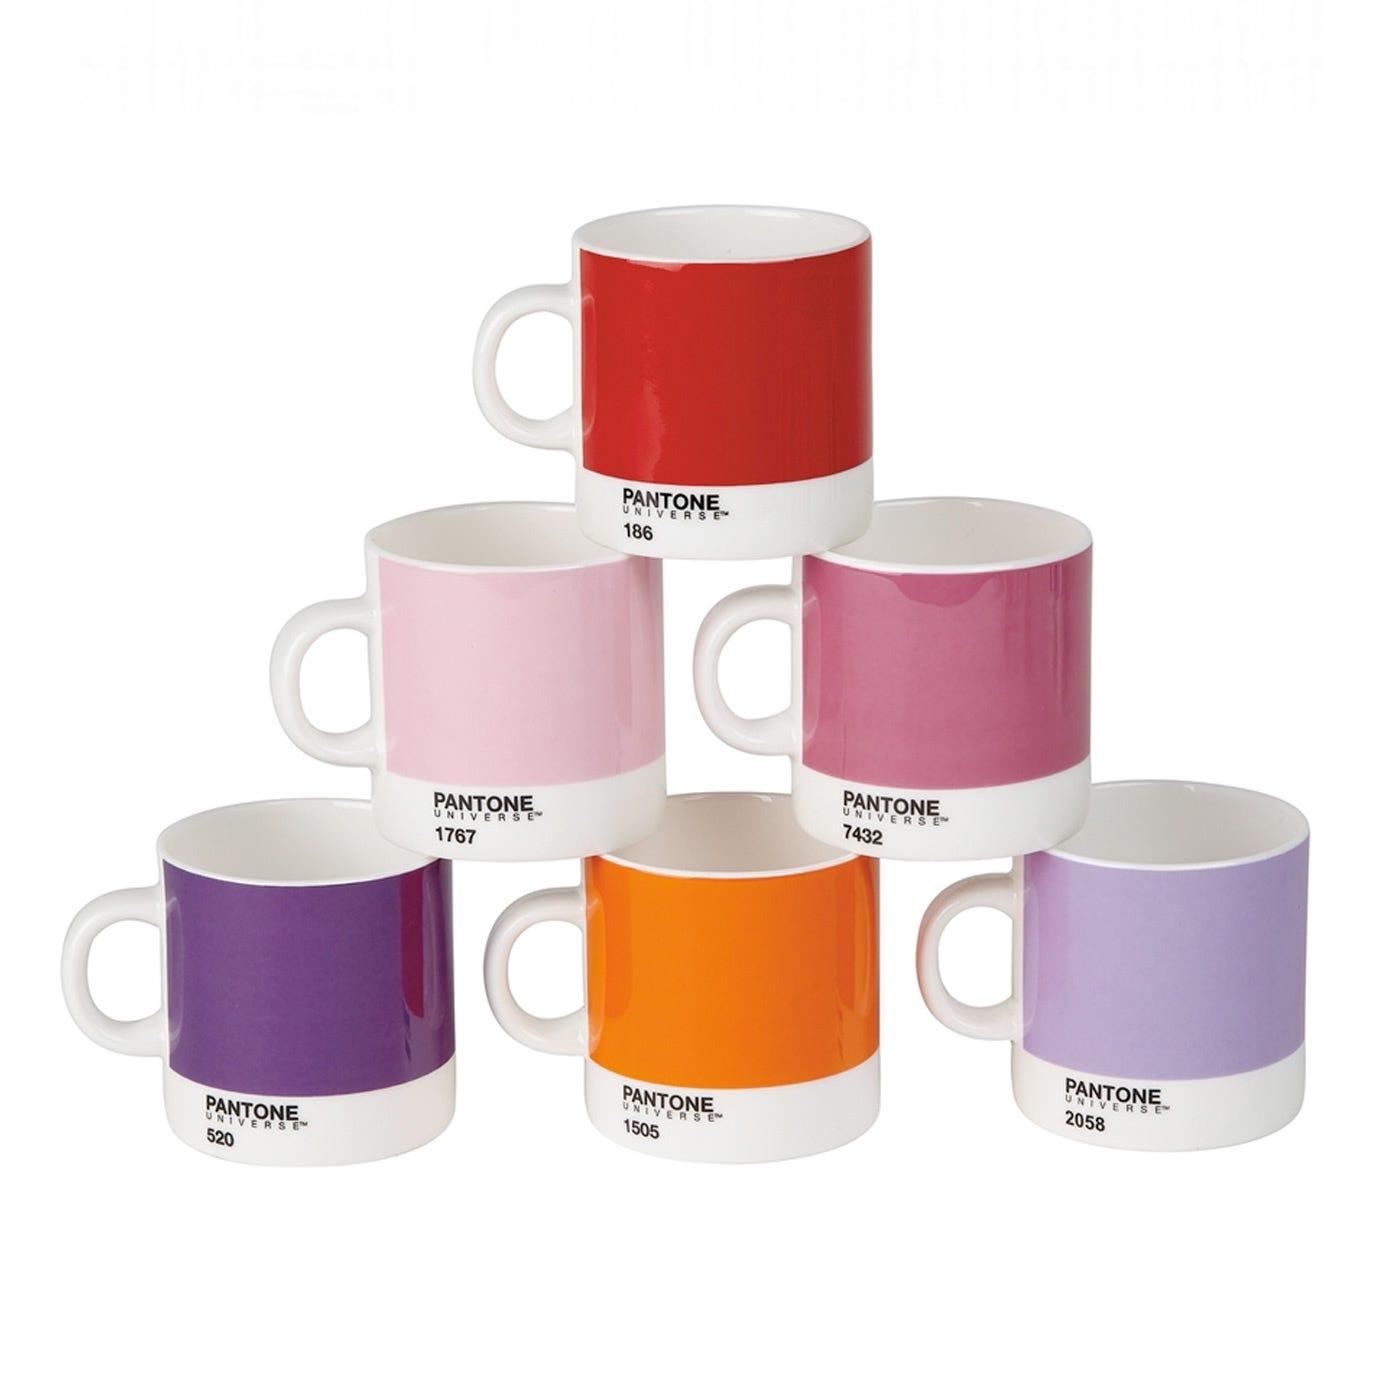 Pantone Espresso Mug